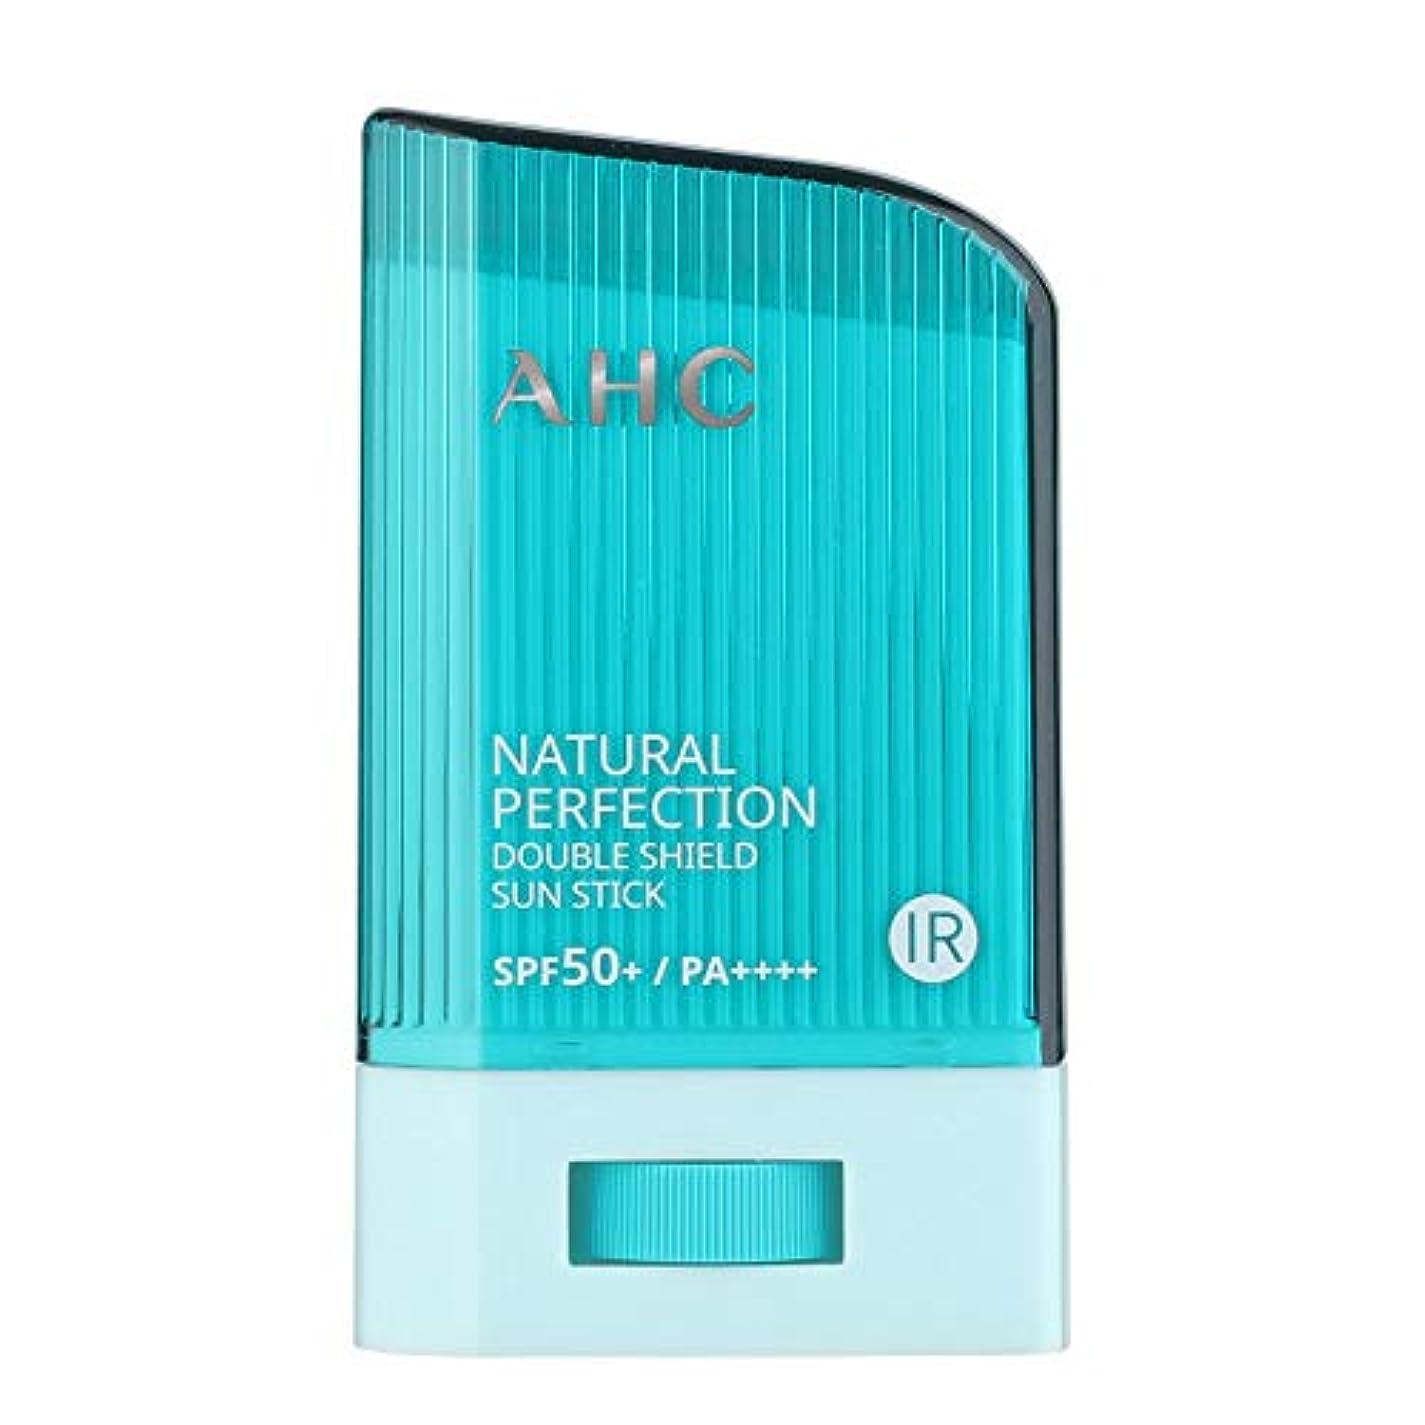 複雑な期限敬AHC ナチュラルパーフェクションダブルシールドサンスティック 22g, Natural Perfection Double Shield Sun Stick SPF50+ PA++++